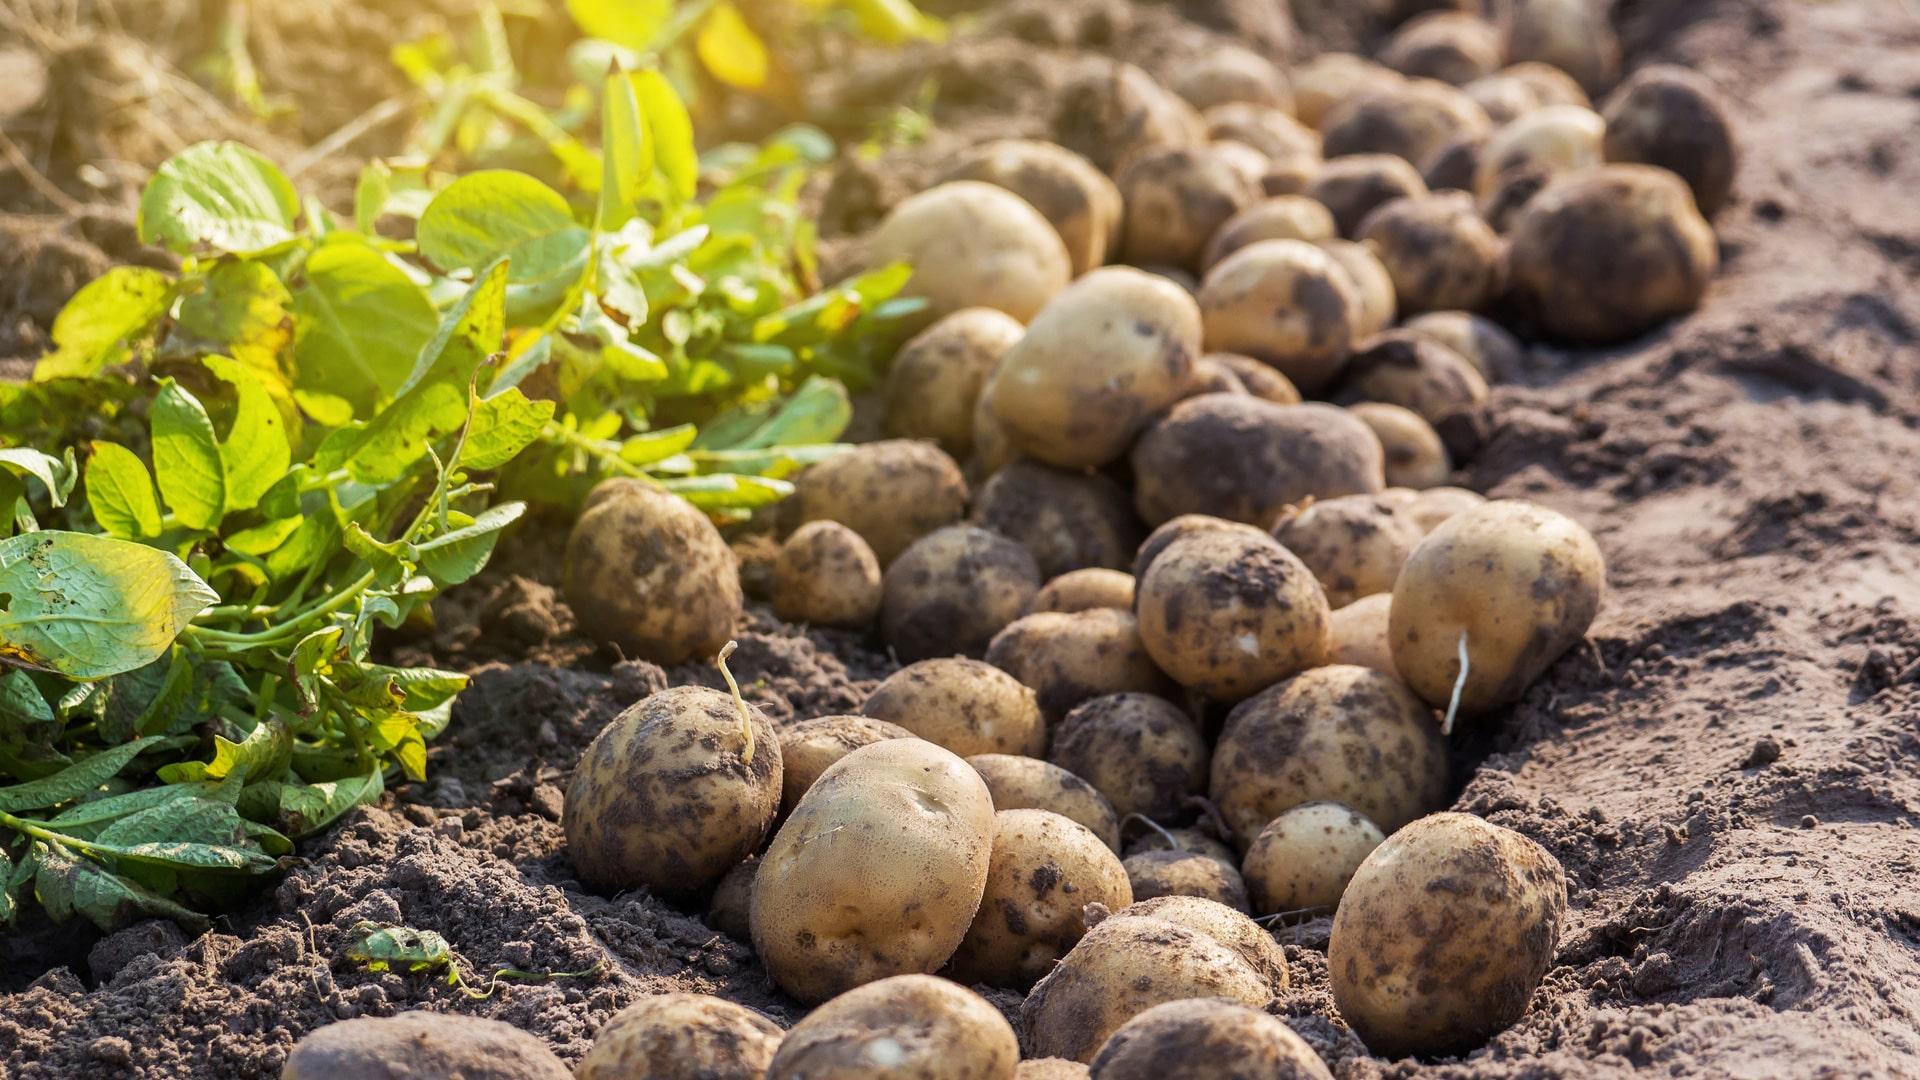 Hasat edilmiş patatesler